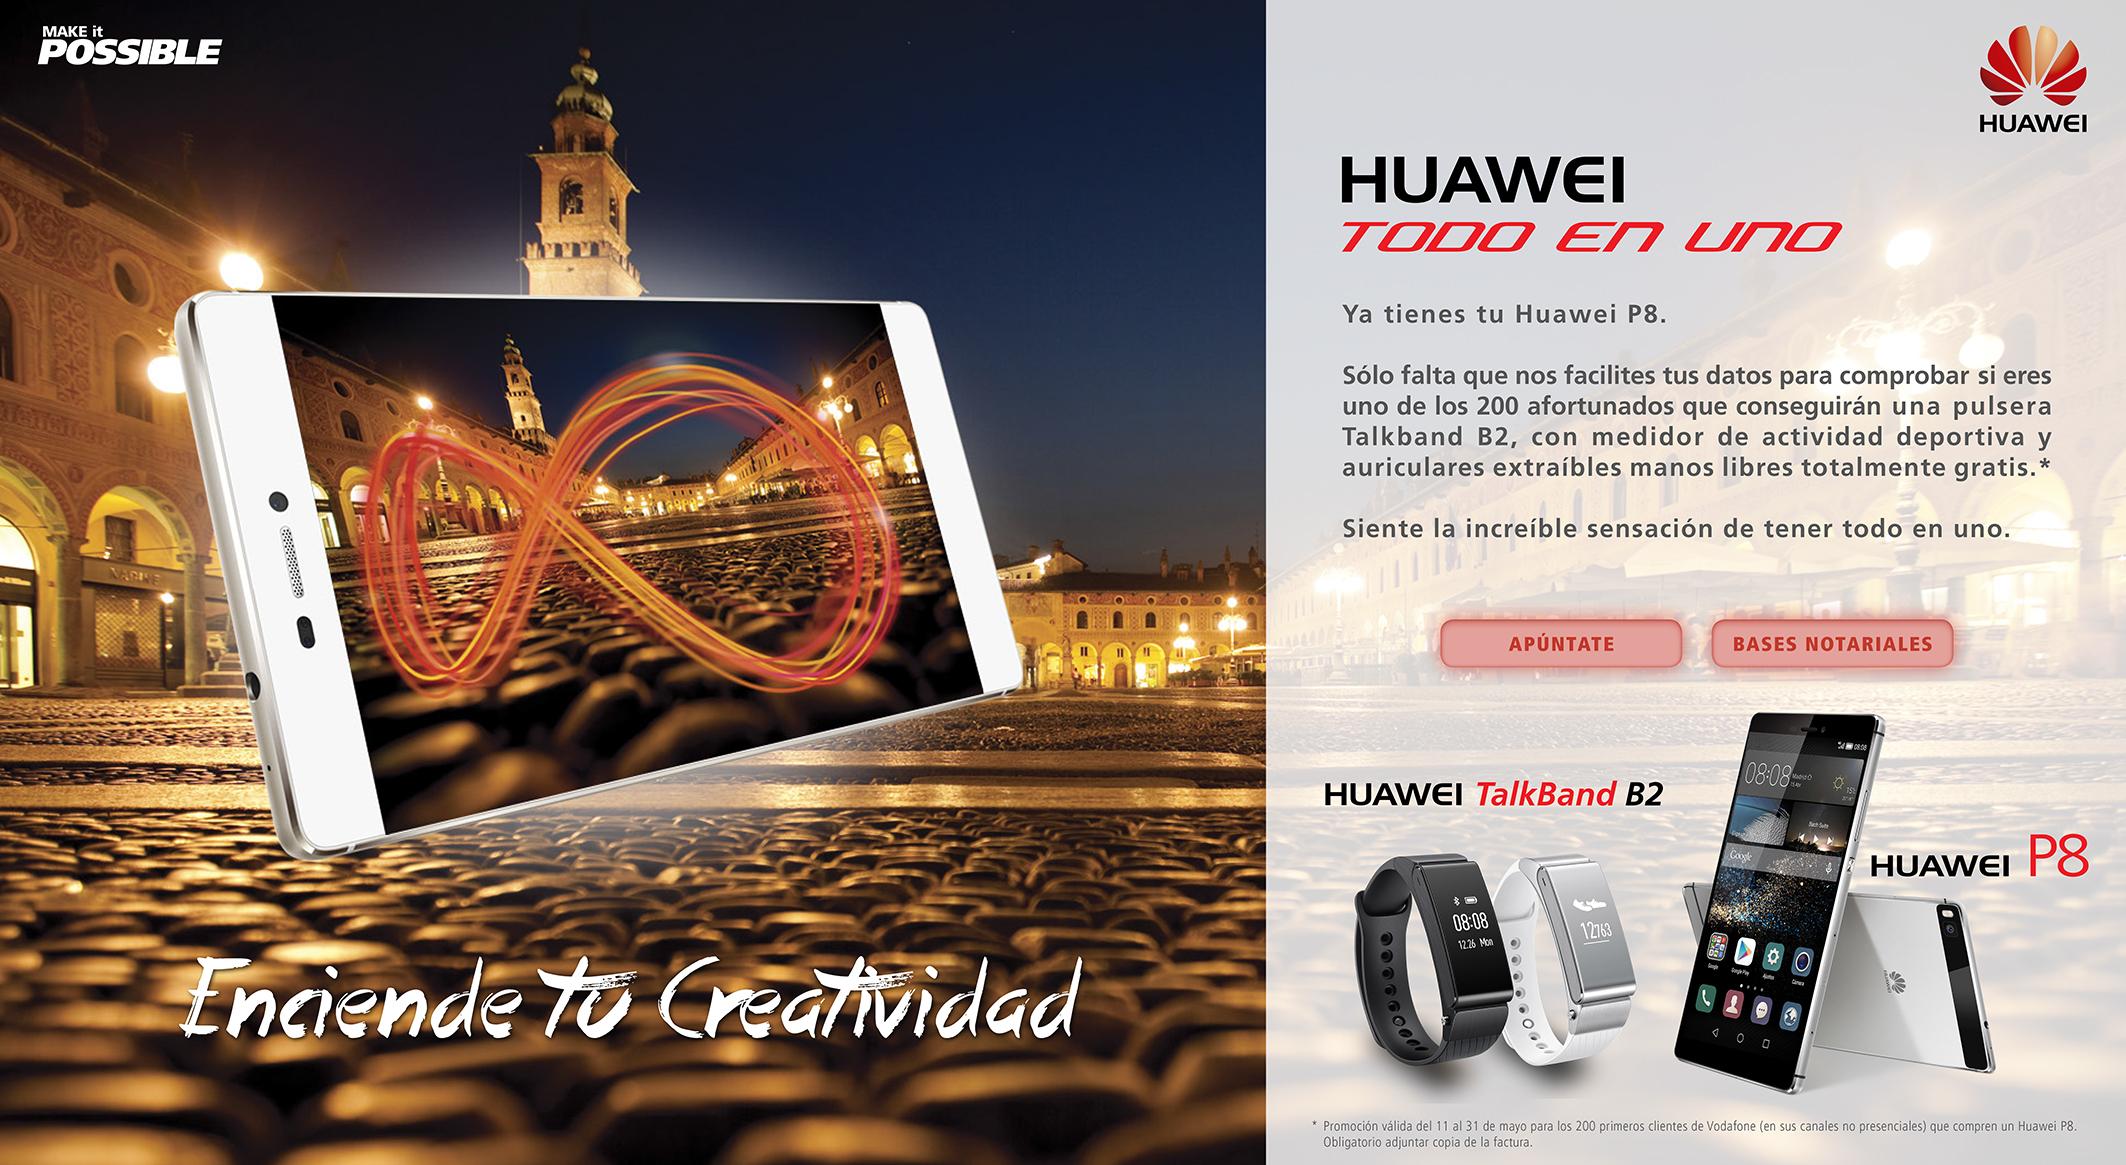 Huawei P8 Todo en uno